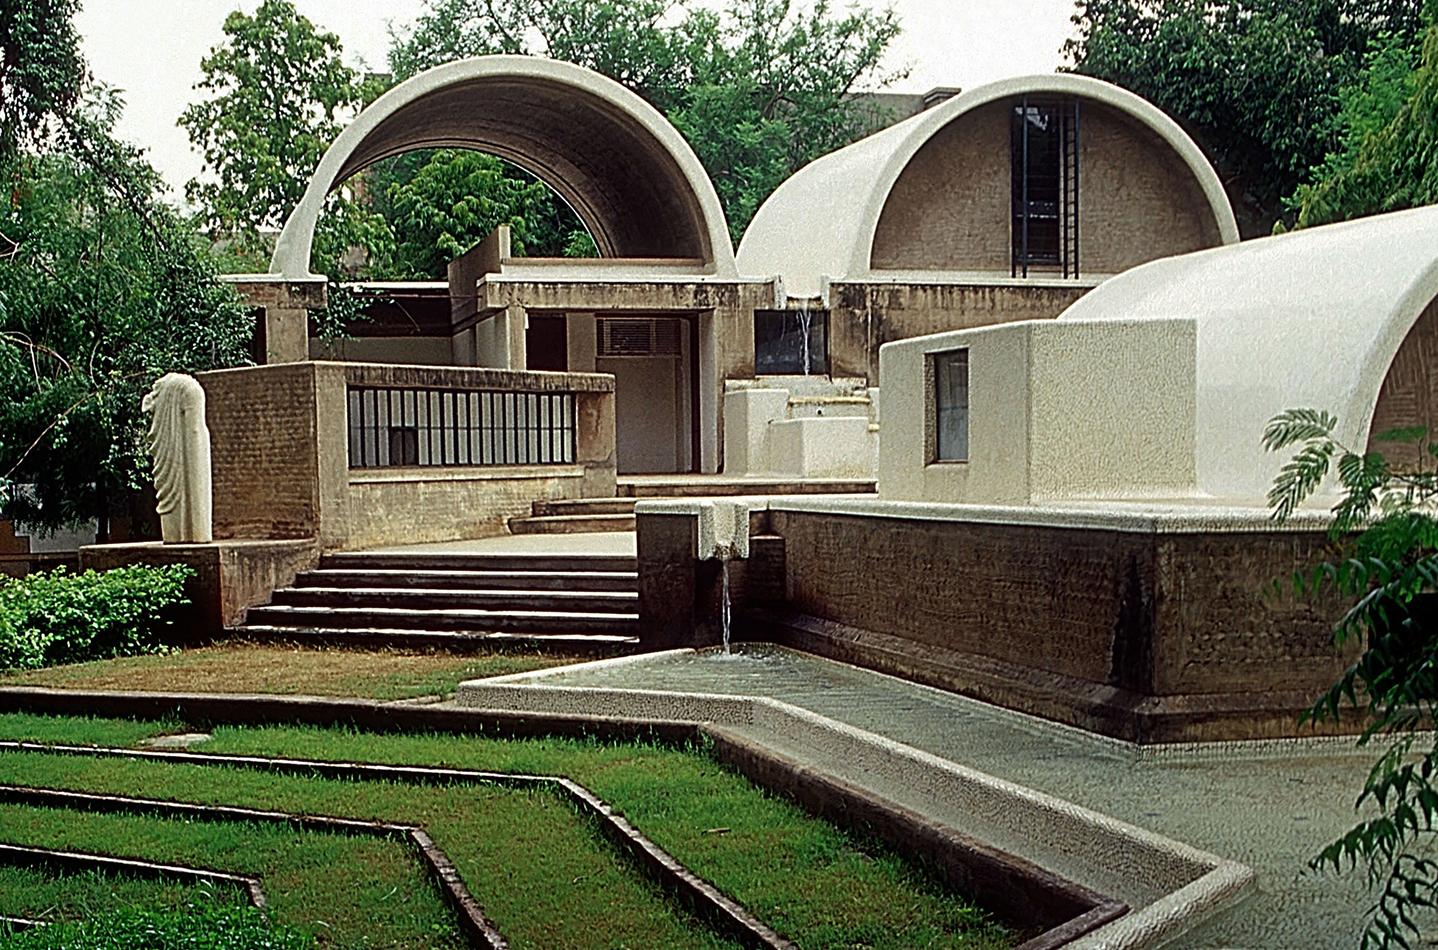 Sangath, lo studio di architettura di Doshi